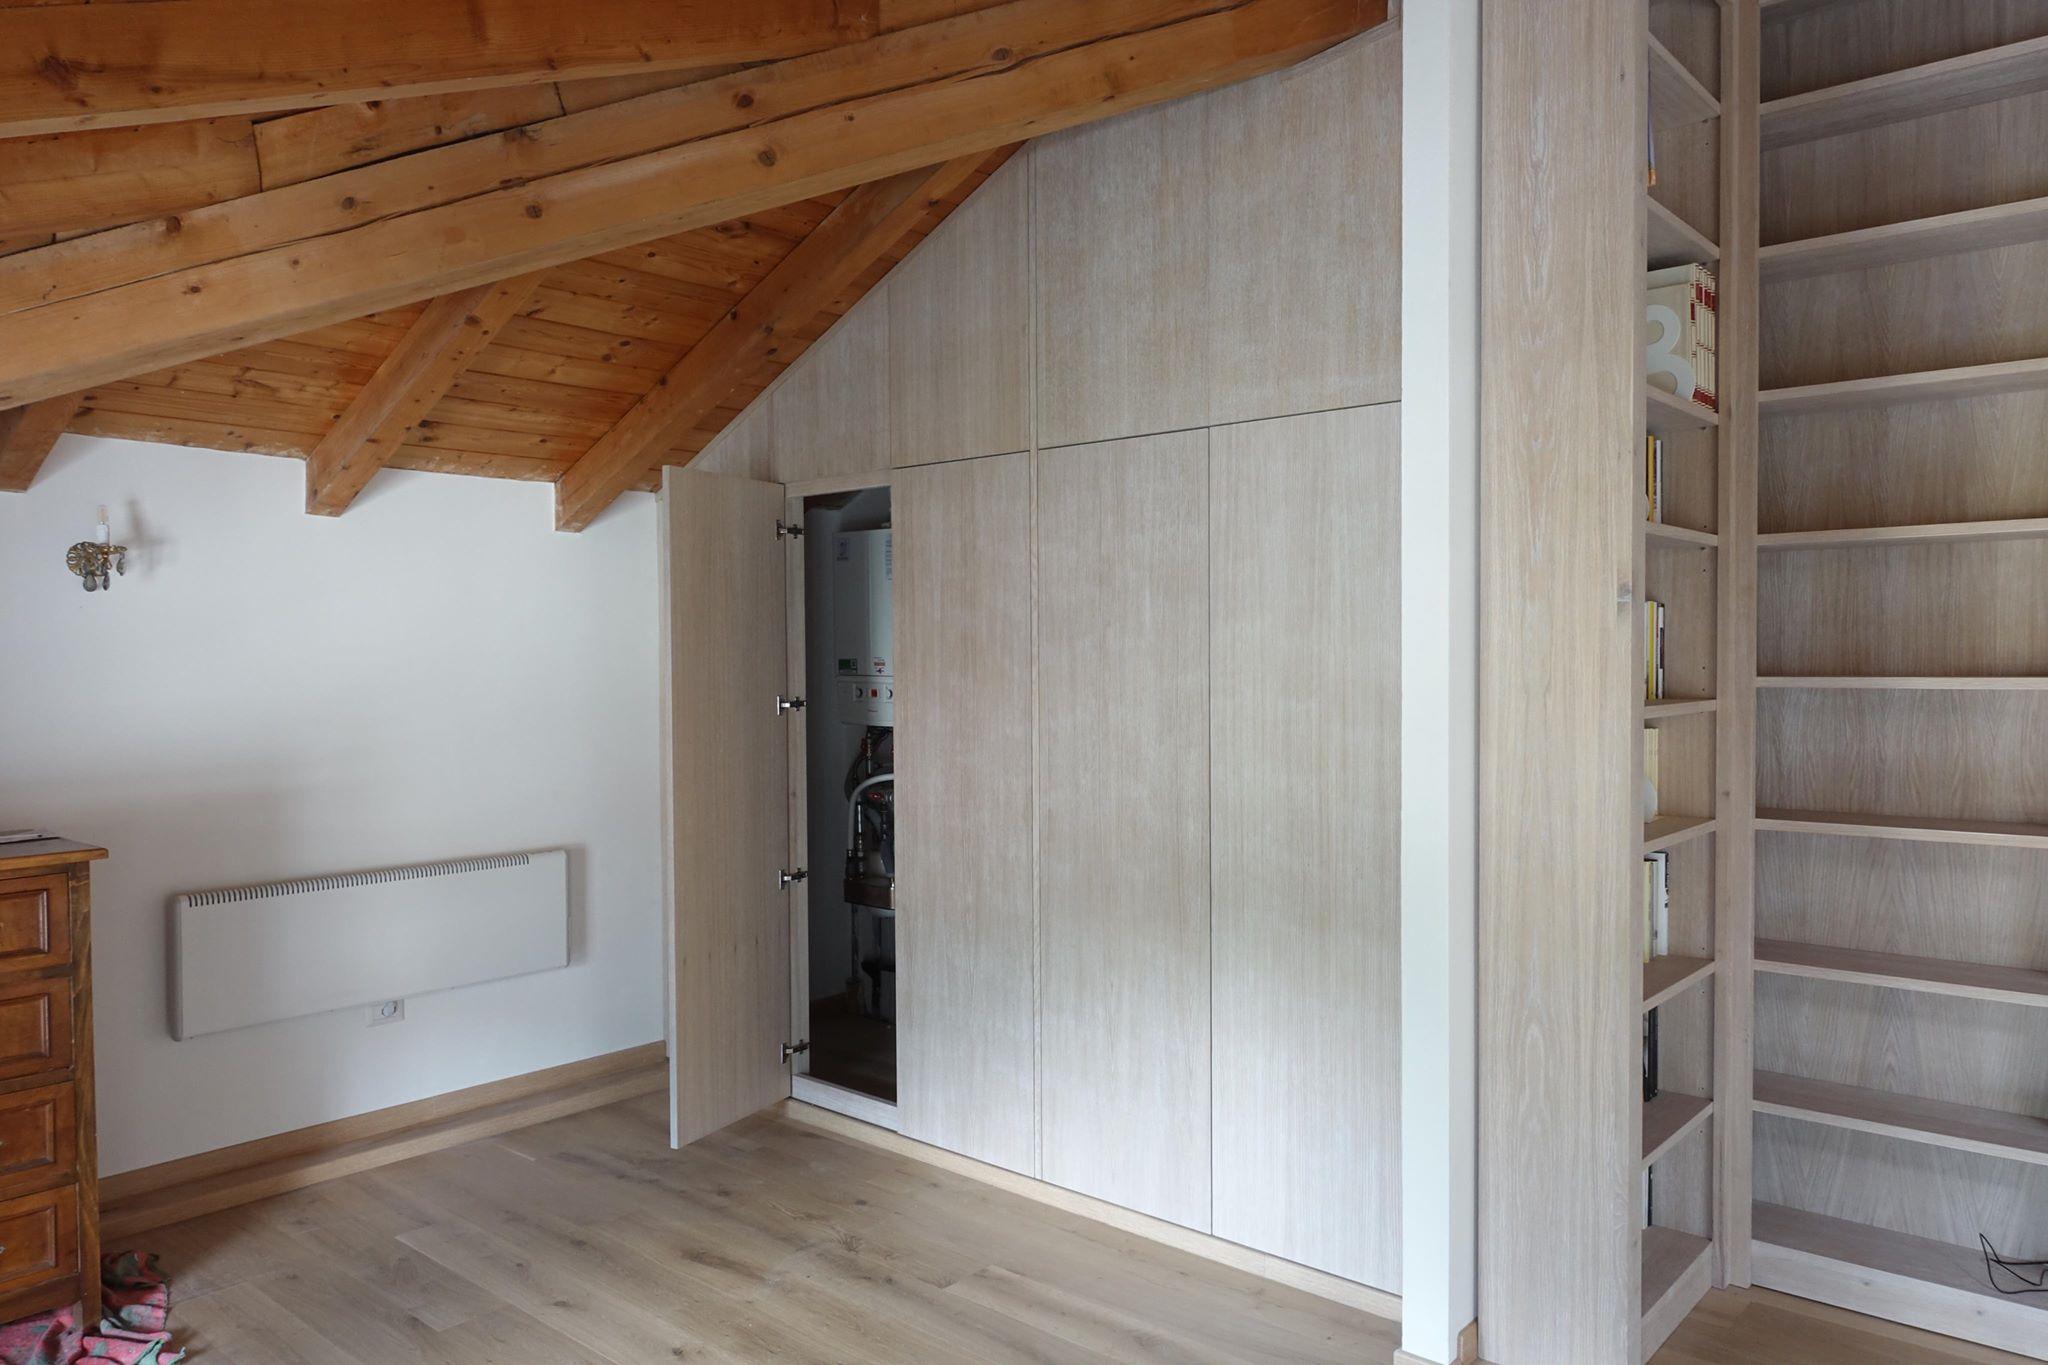 Armadio e libreria soggiorno mansardato mansarda lgnoeoltre - Armadio per soggiorno ...